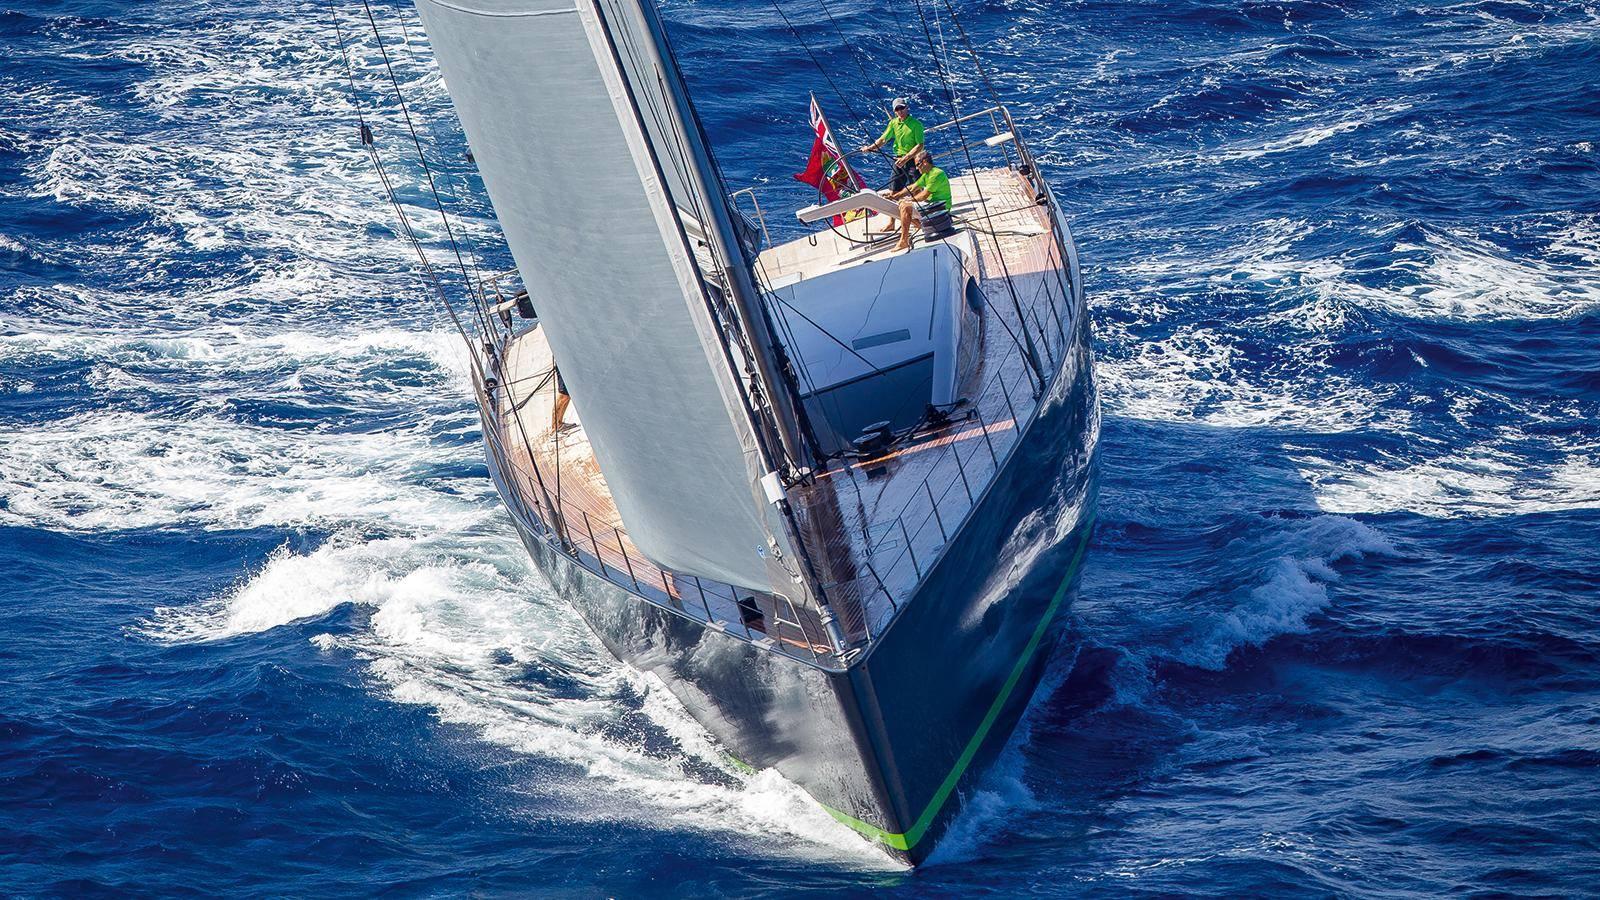 O74h8T1SCiB5FTYSuxHi_win-win-yacht-1600x900